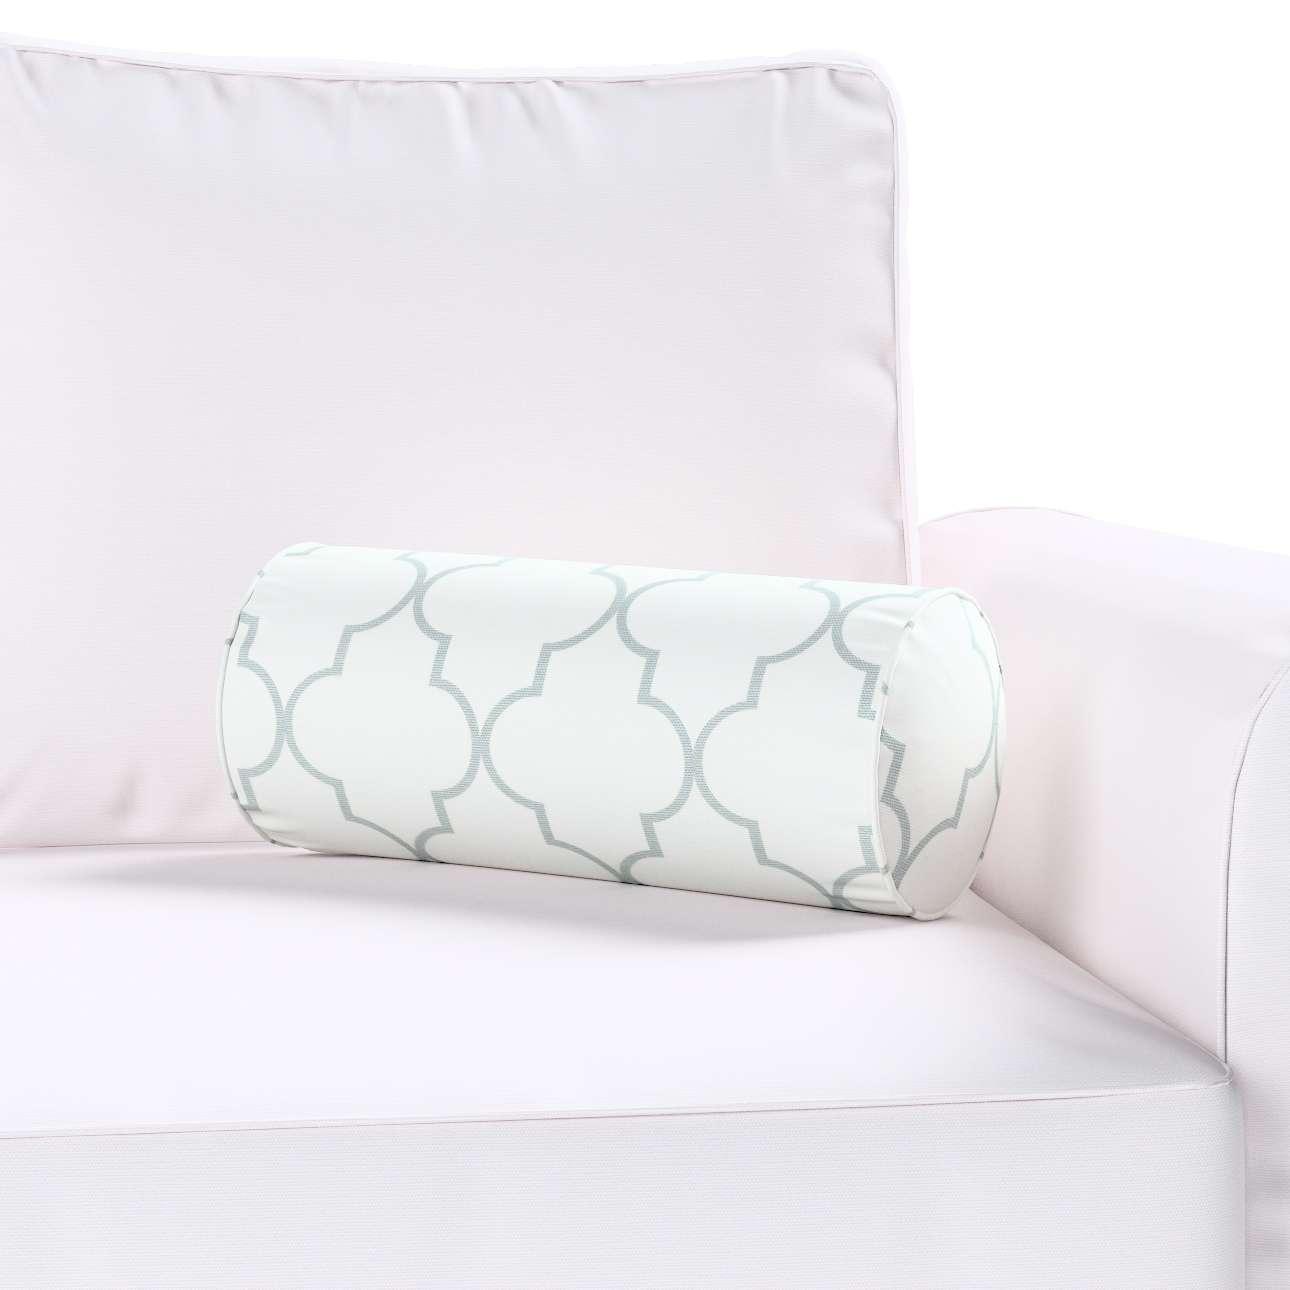 Ritinio formos  pagalvėlės užvalkalas Ø 16 x 40 cm (6 x 16 inch) kolekcijoje Comics Prints, audinys: 137-85